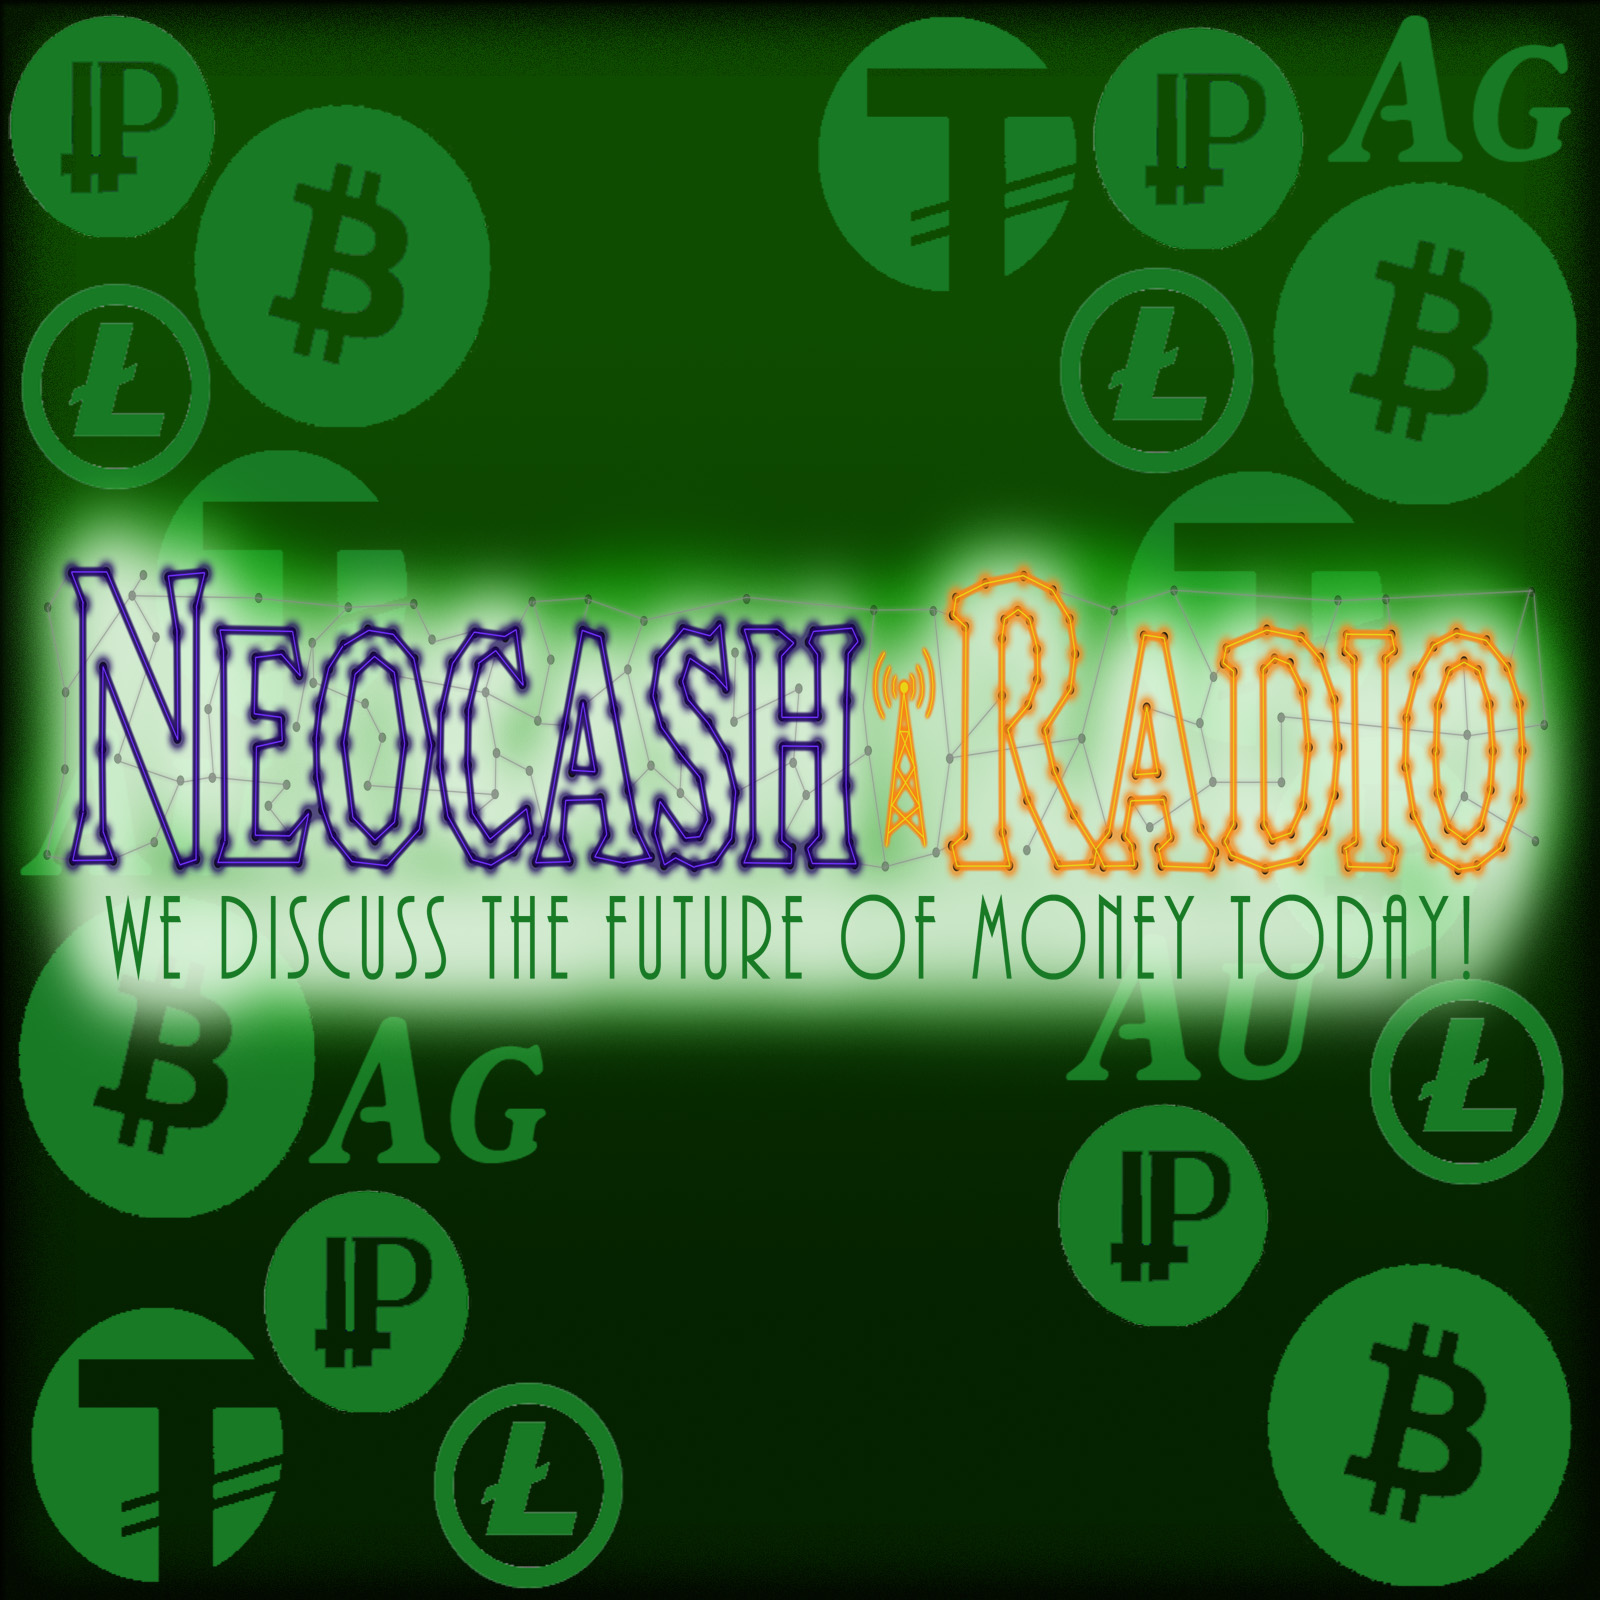 Neocash Radio - Episode 119